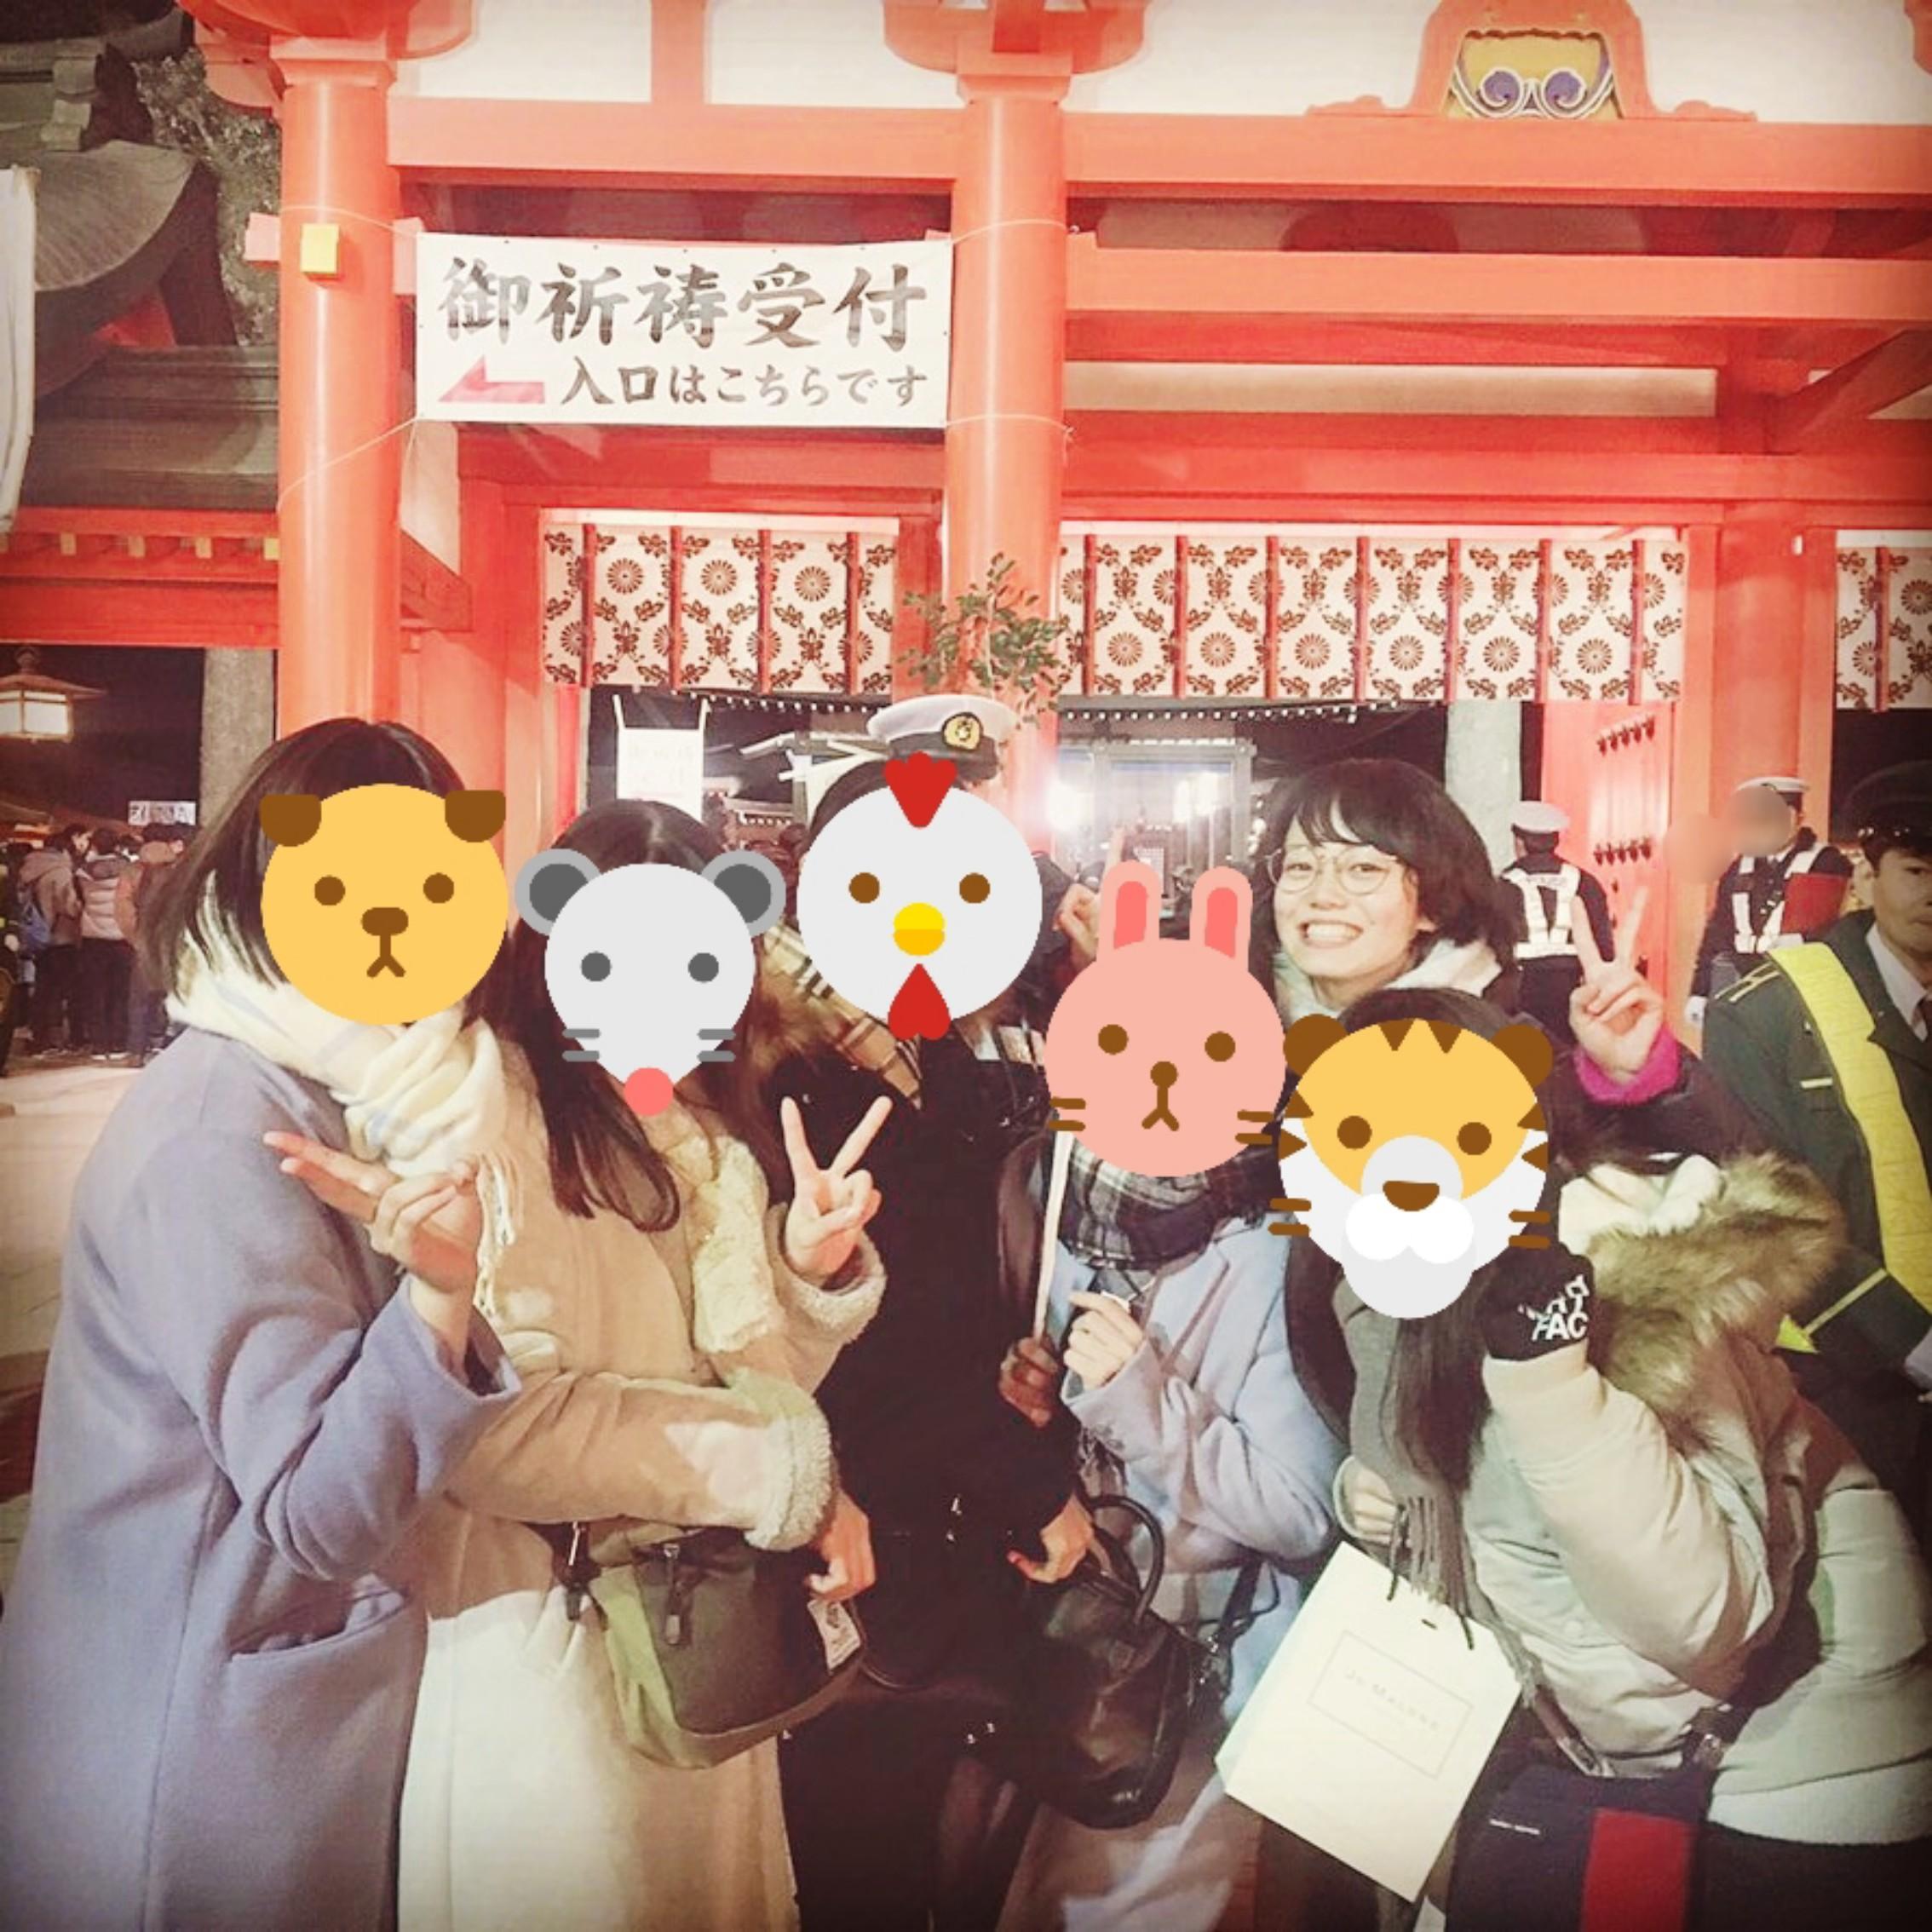 【初詣】神社3社にお参りにいってきました( ´∀`)_1